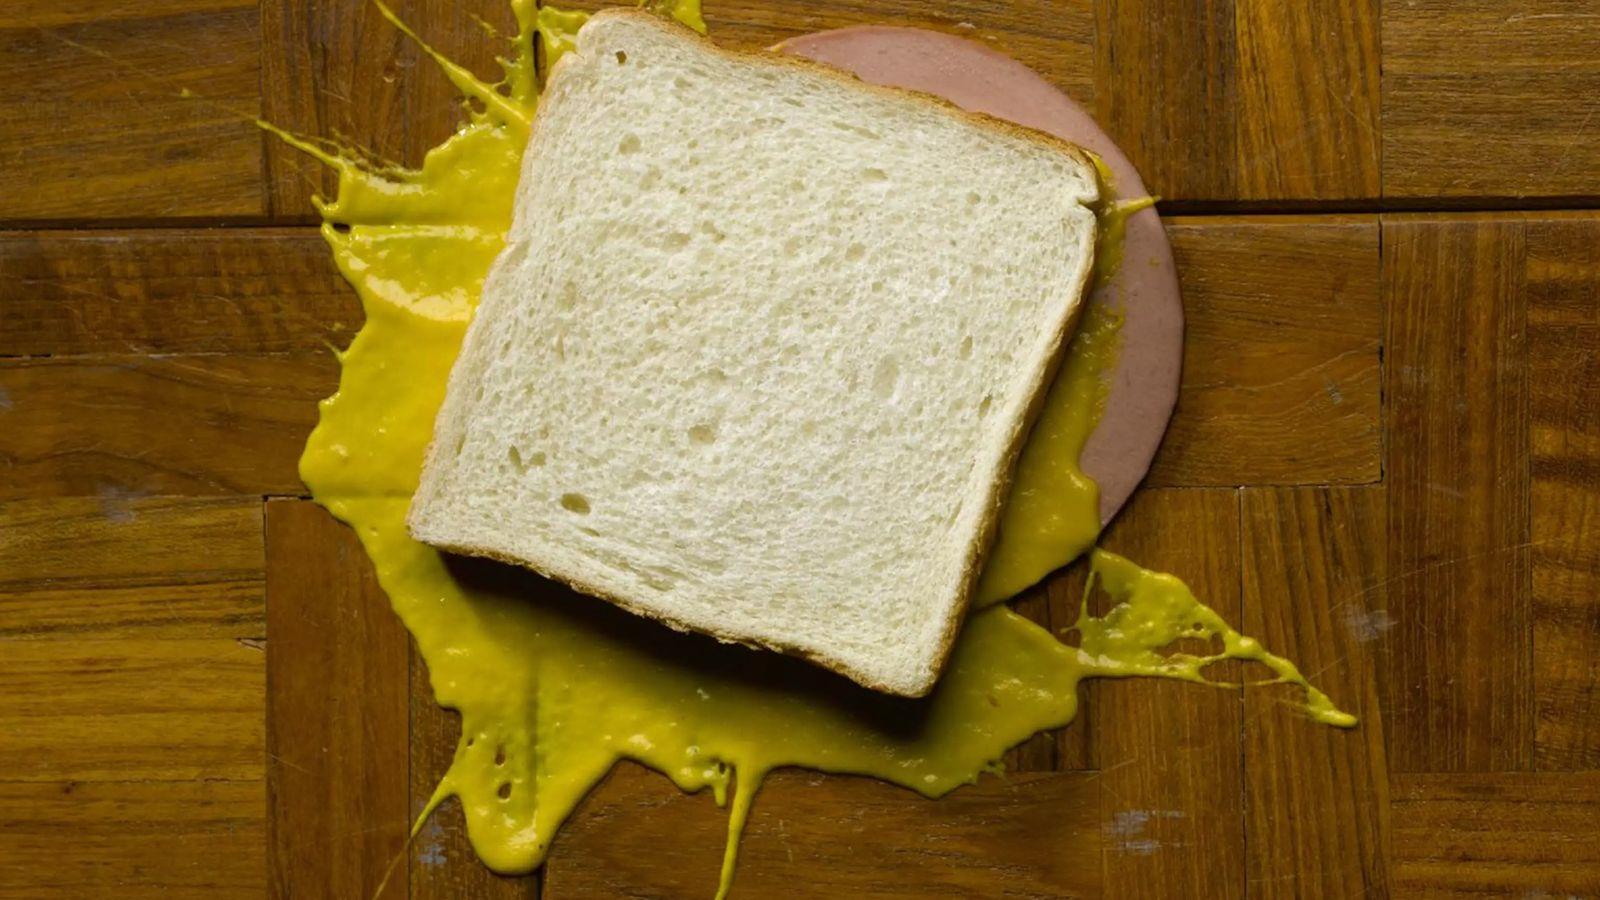 Ce sandwich peut-il encore être consommé après être tombé par terre ?